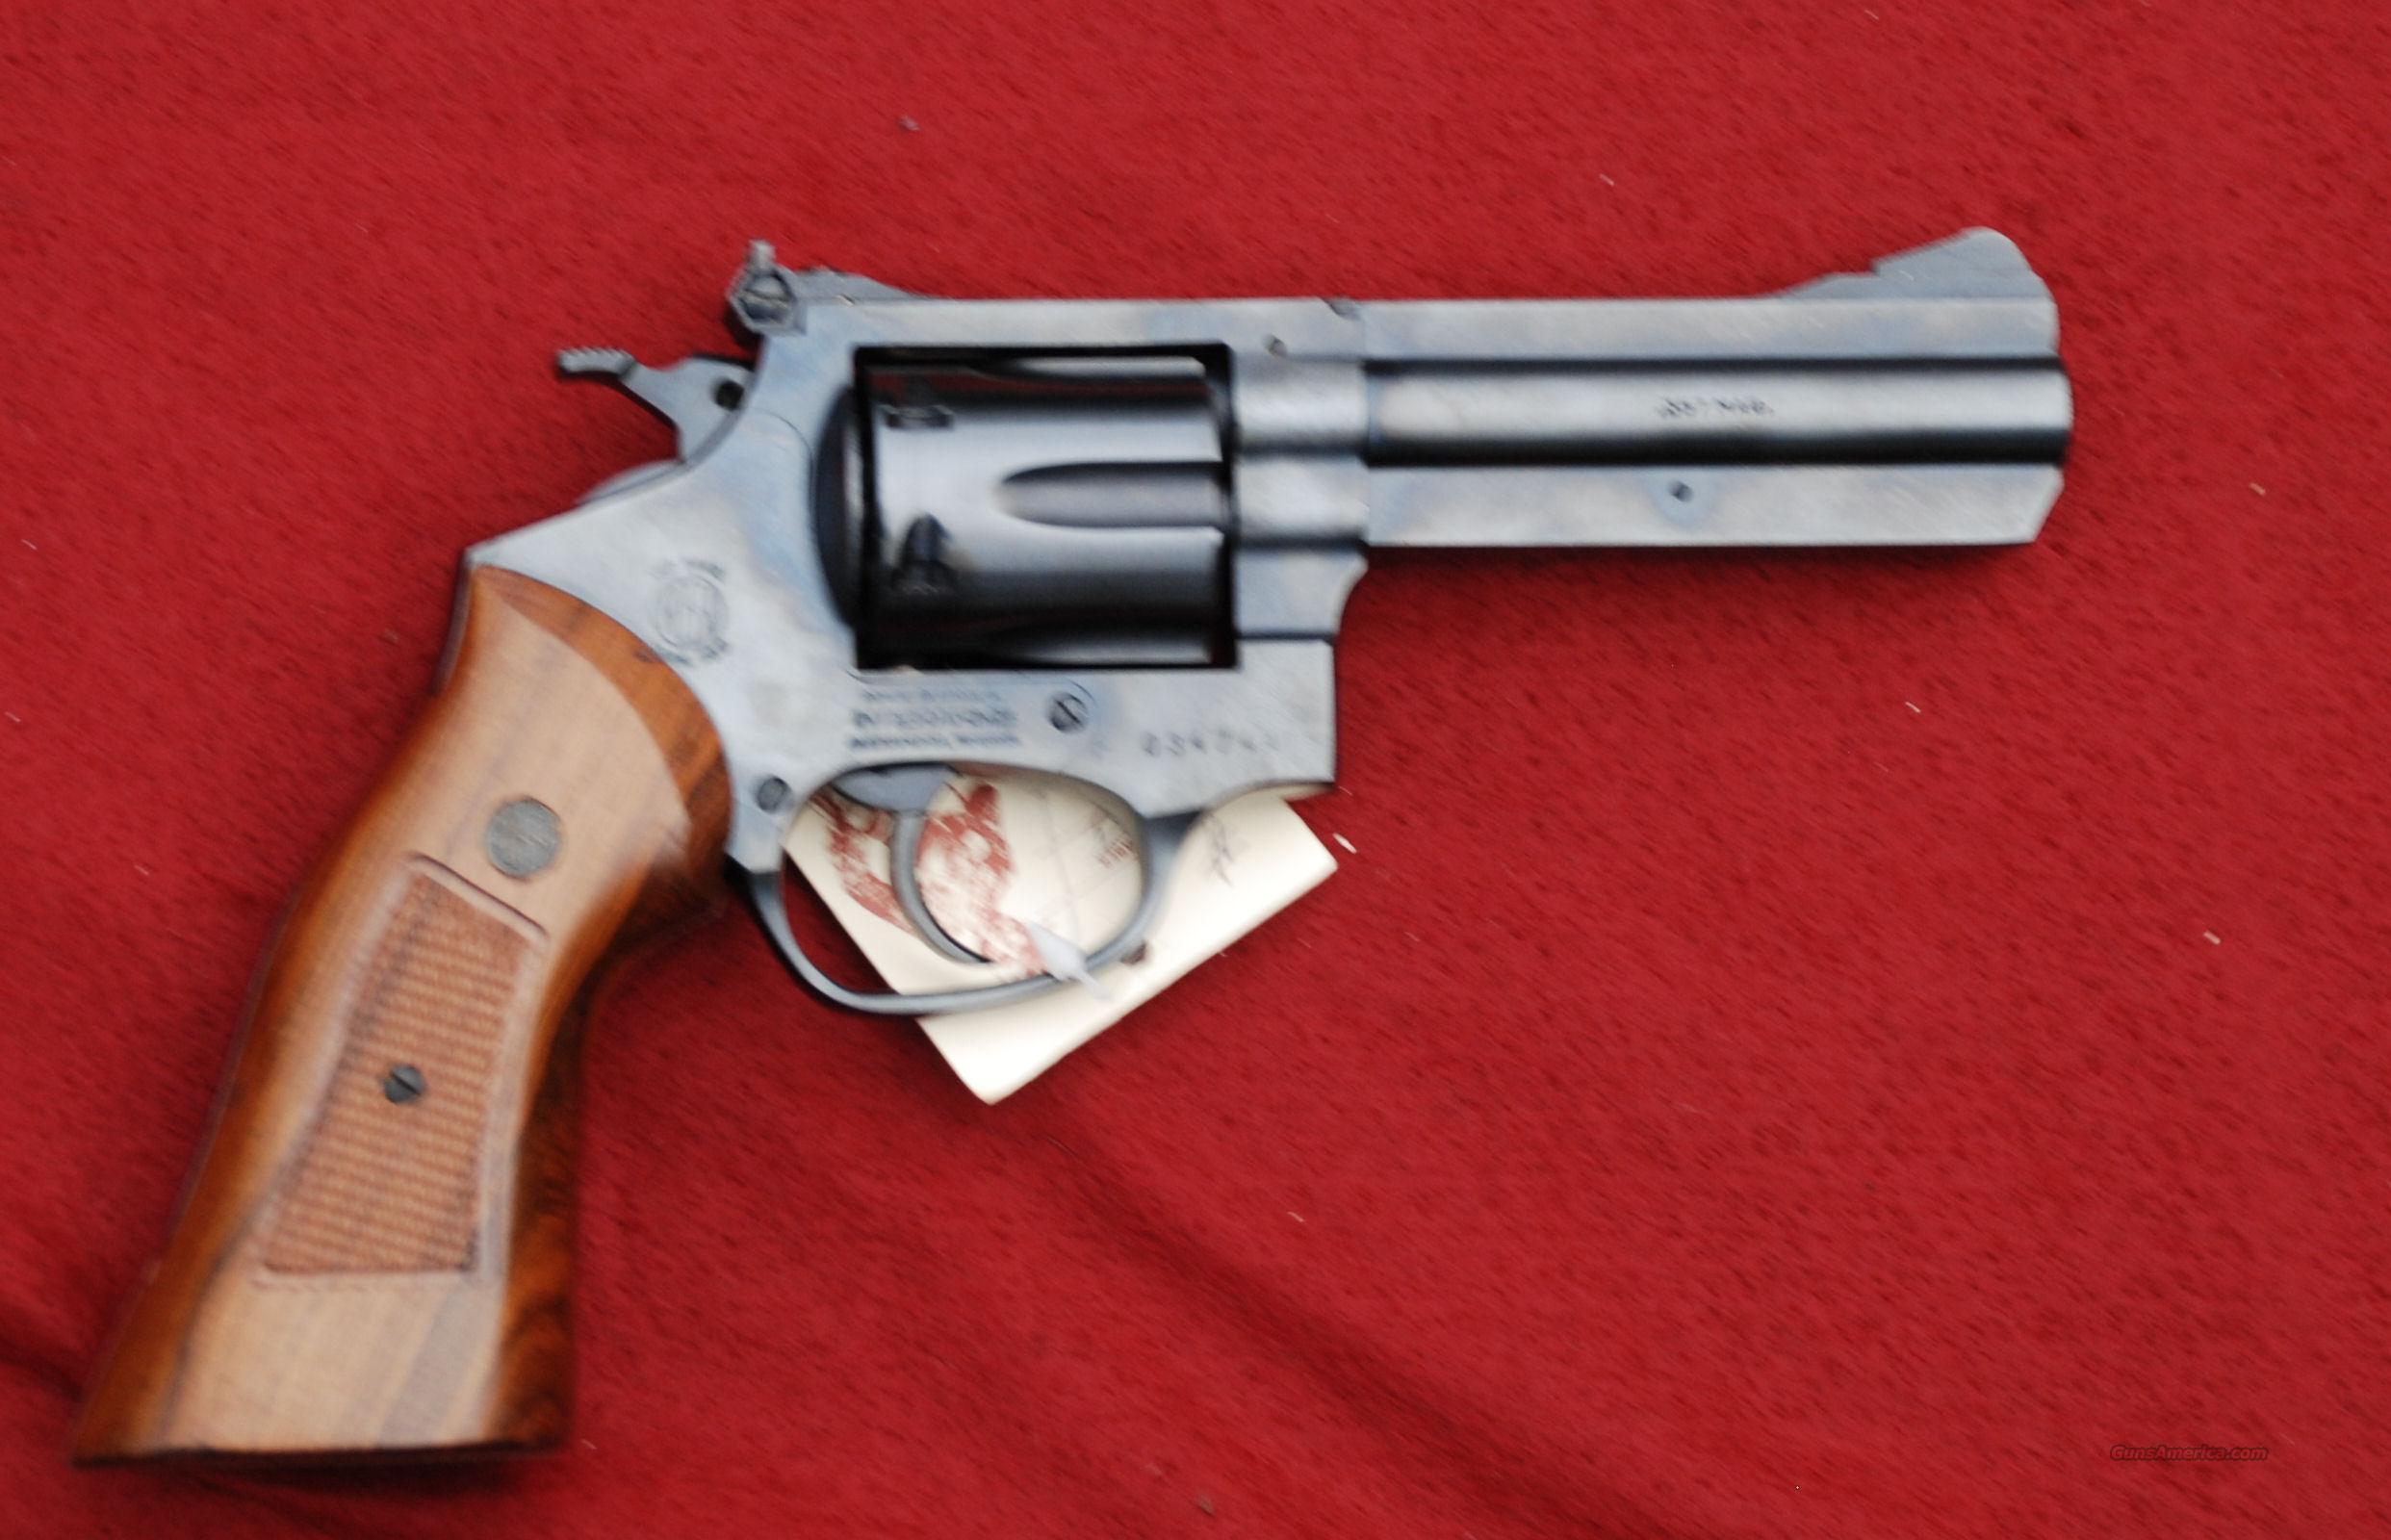 Rossi Model 971 357 Magnum Guns > Pistols > Rossi Revolvers